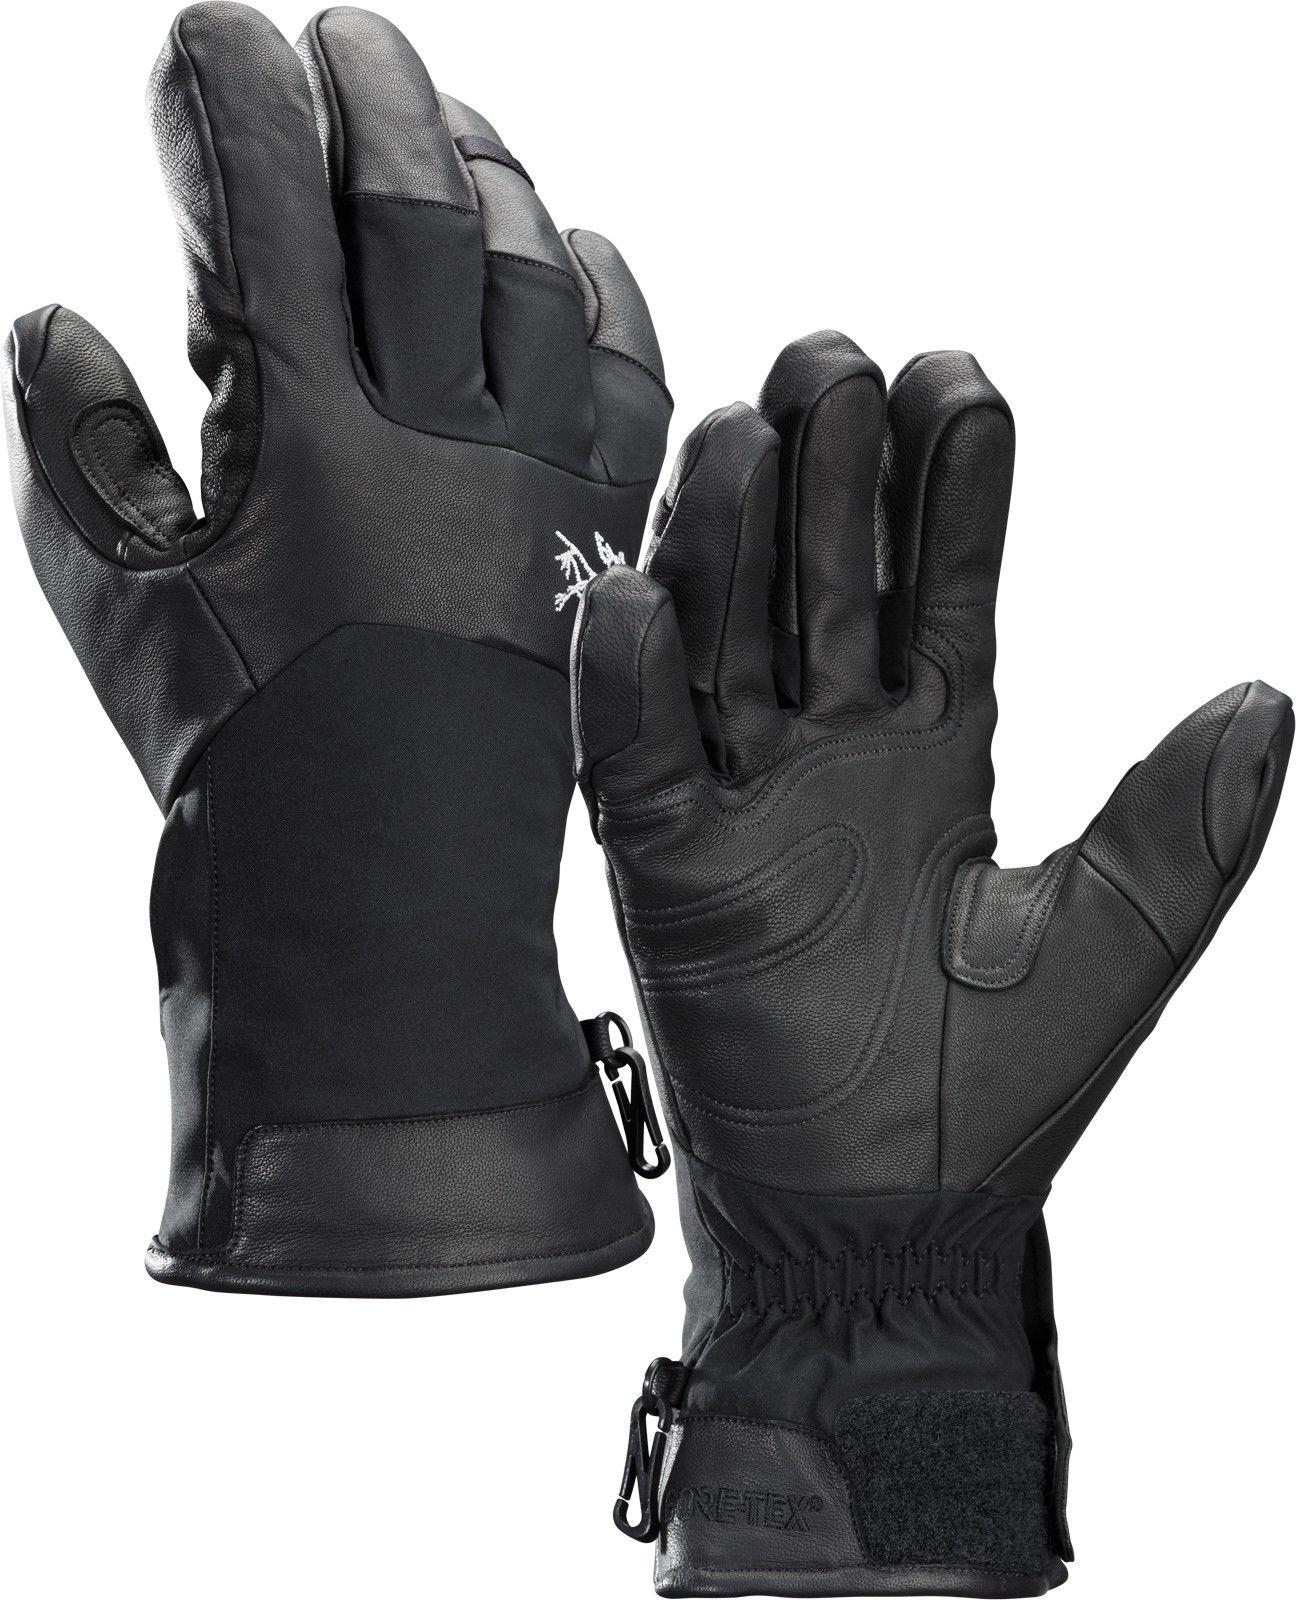 Arcteryx Sabre Glove   Größe XS    Fingerhandschuh